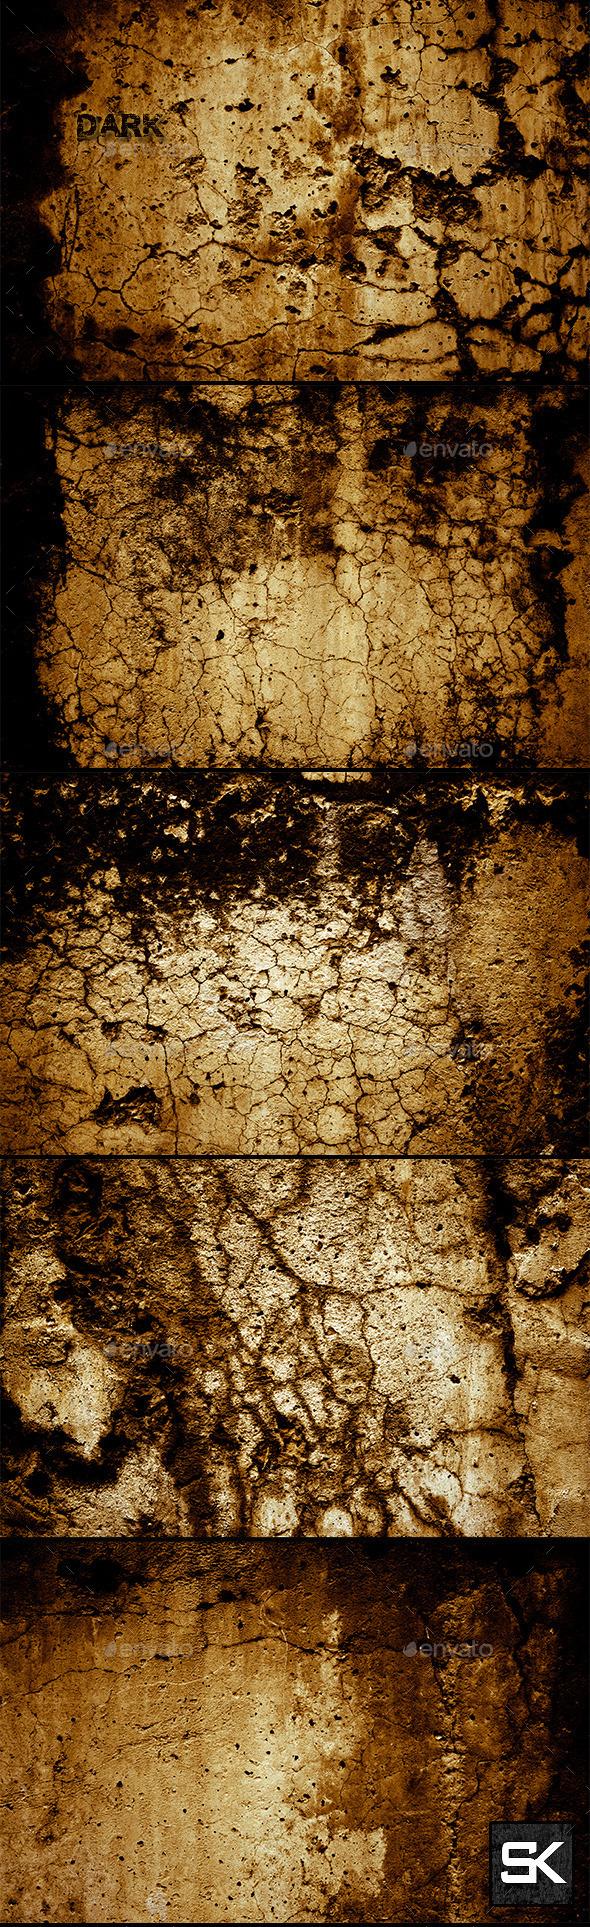 GraphicRiver Dark Grunge 10814844